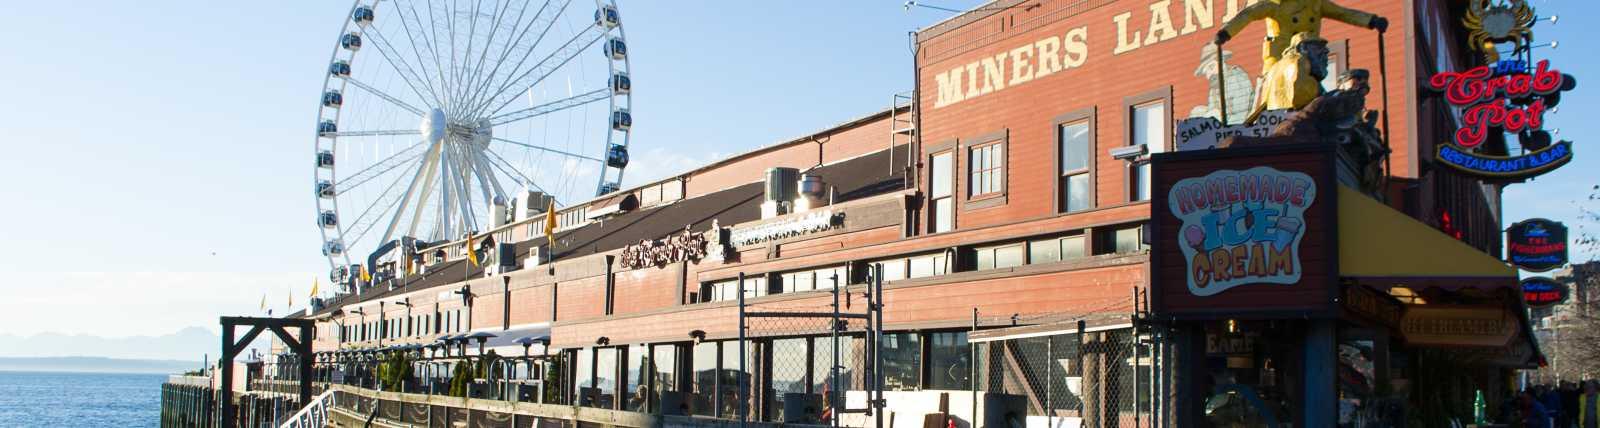 Miners Landing Pier 57